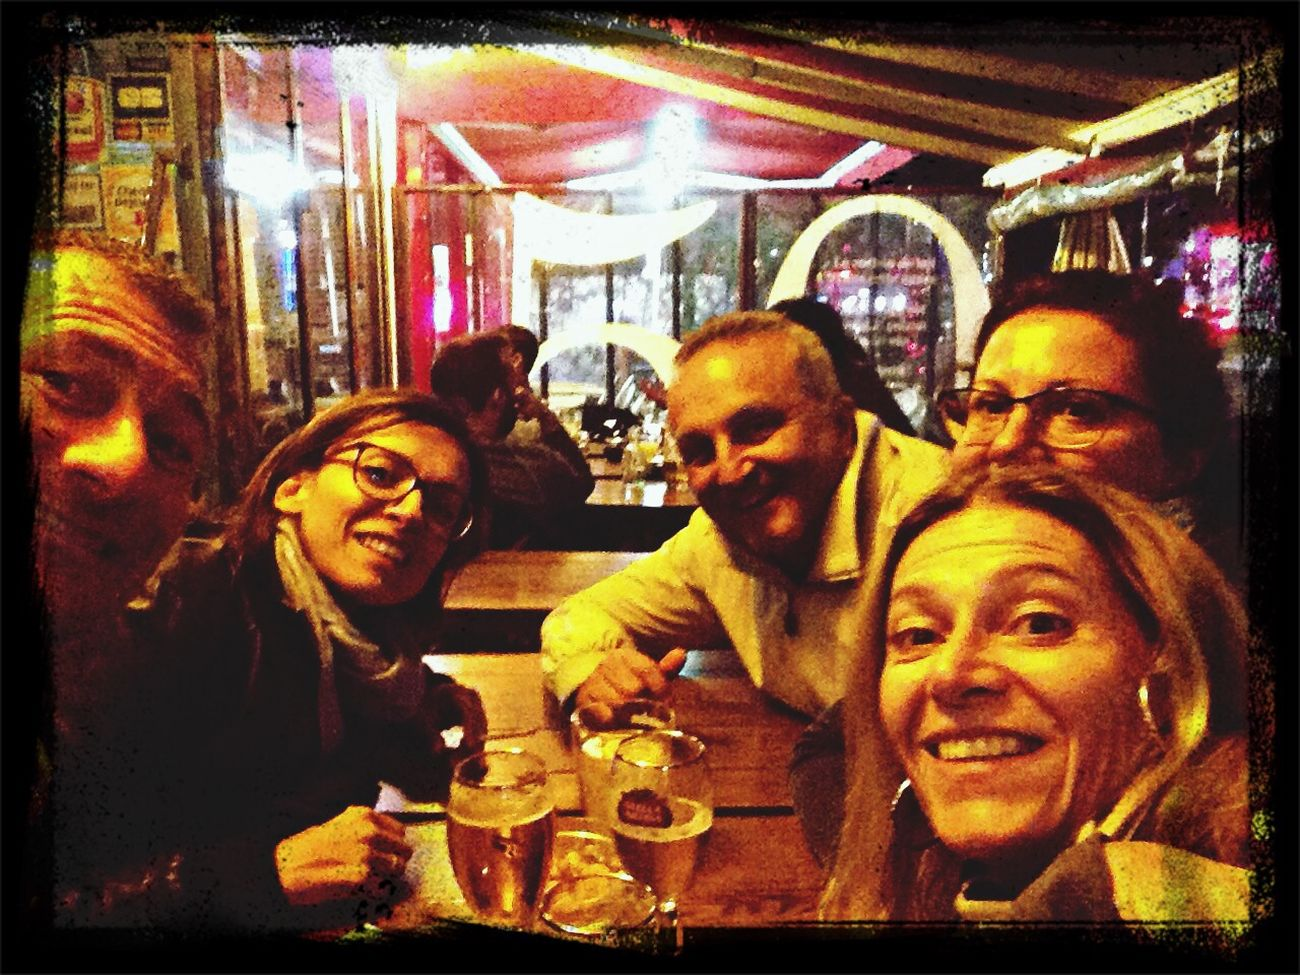 La premiere biere a Paris!